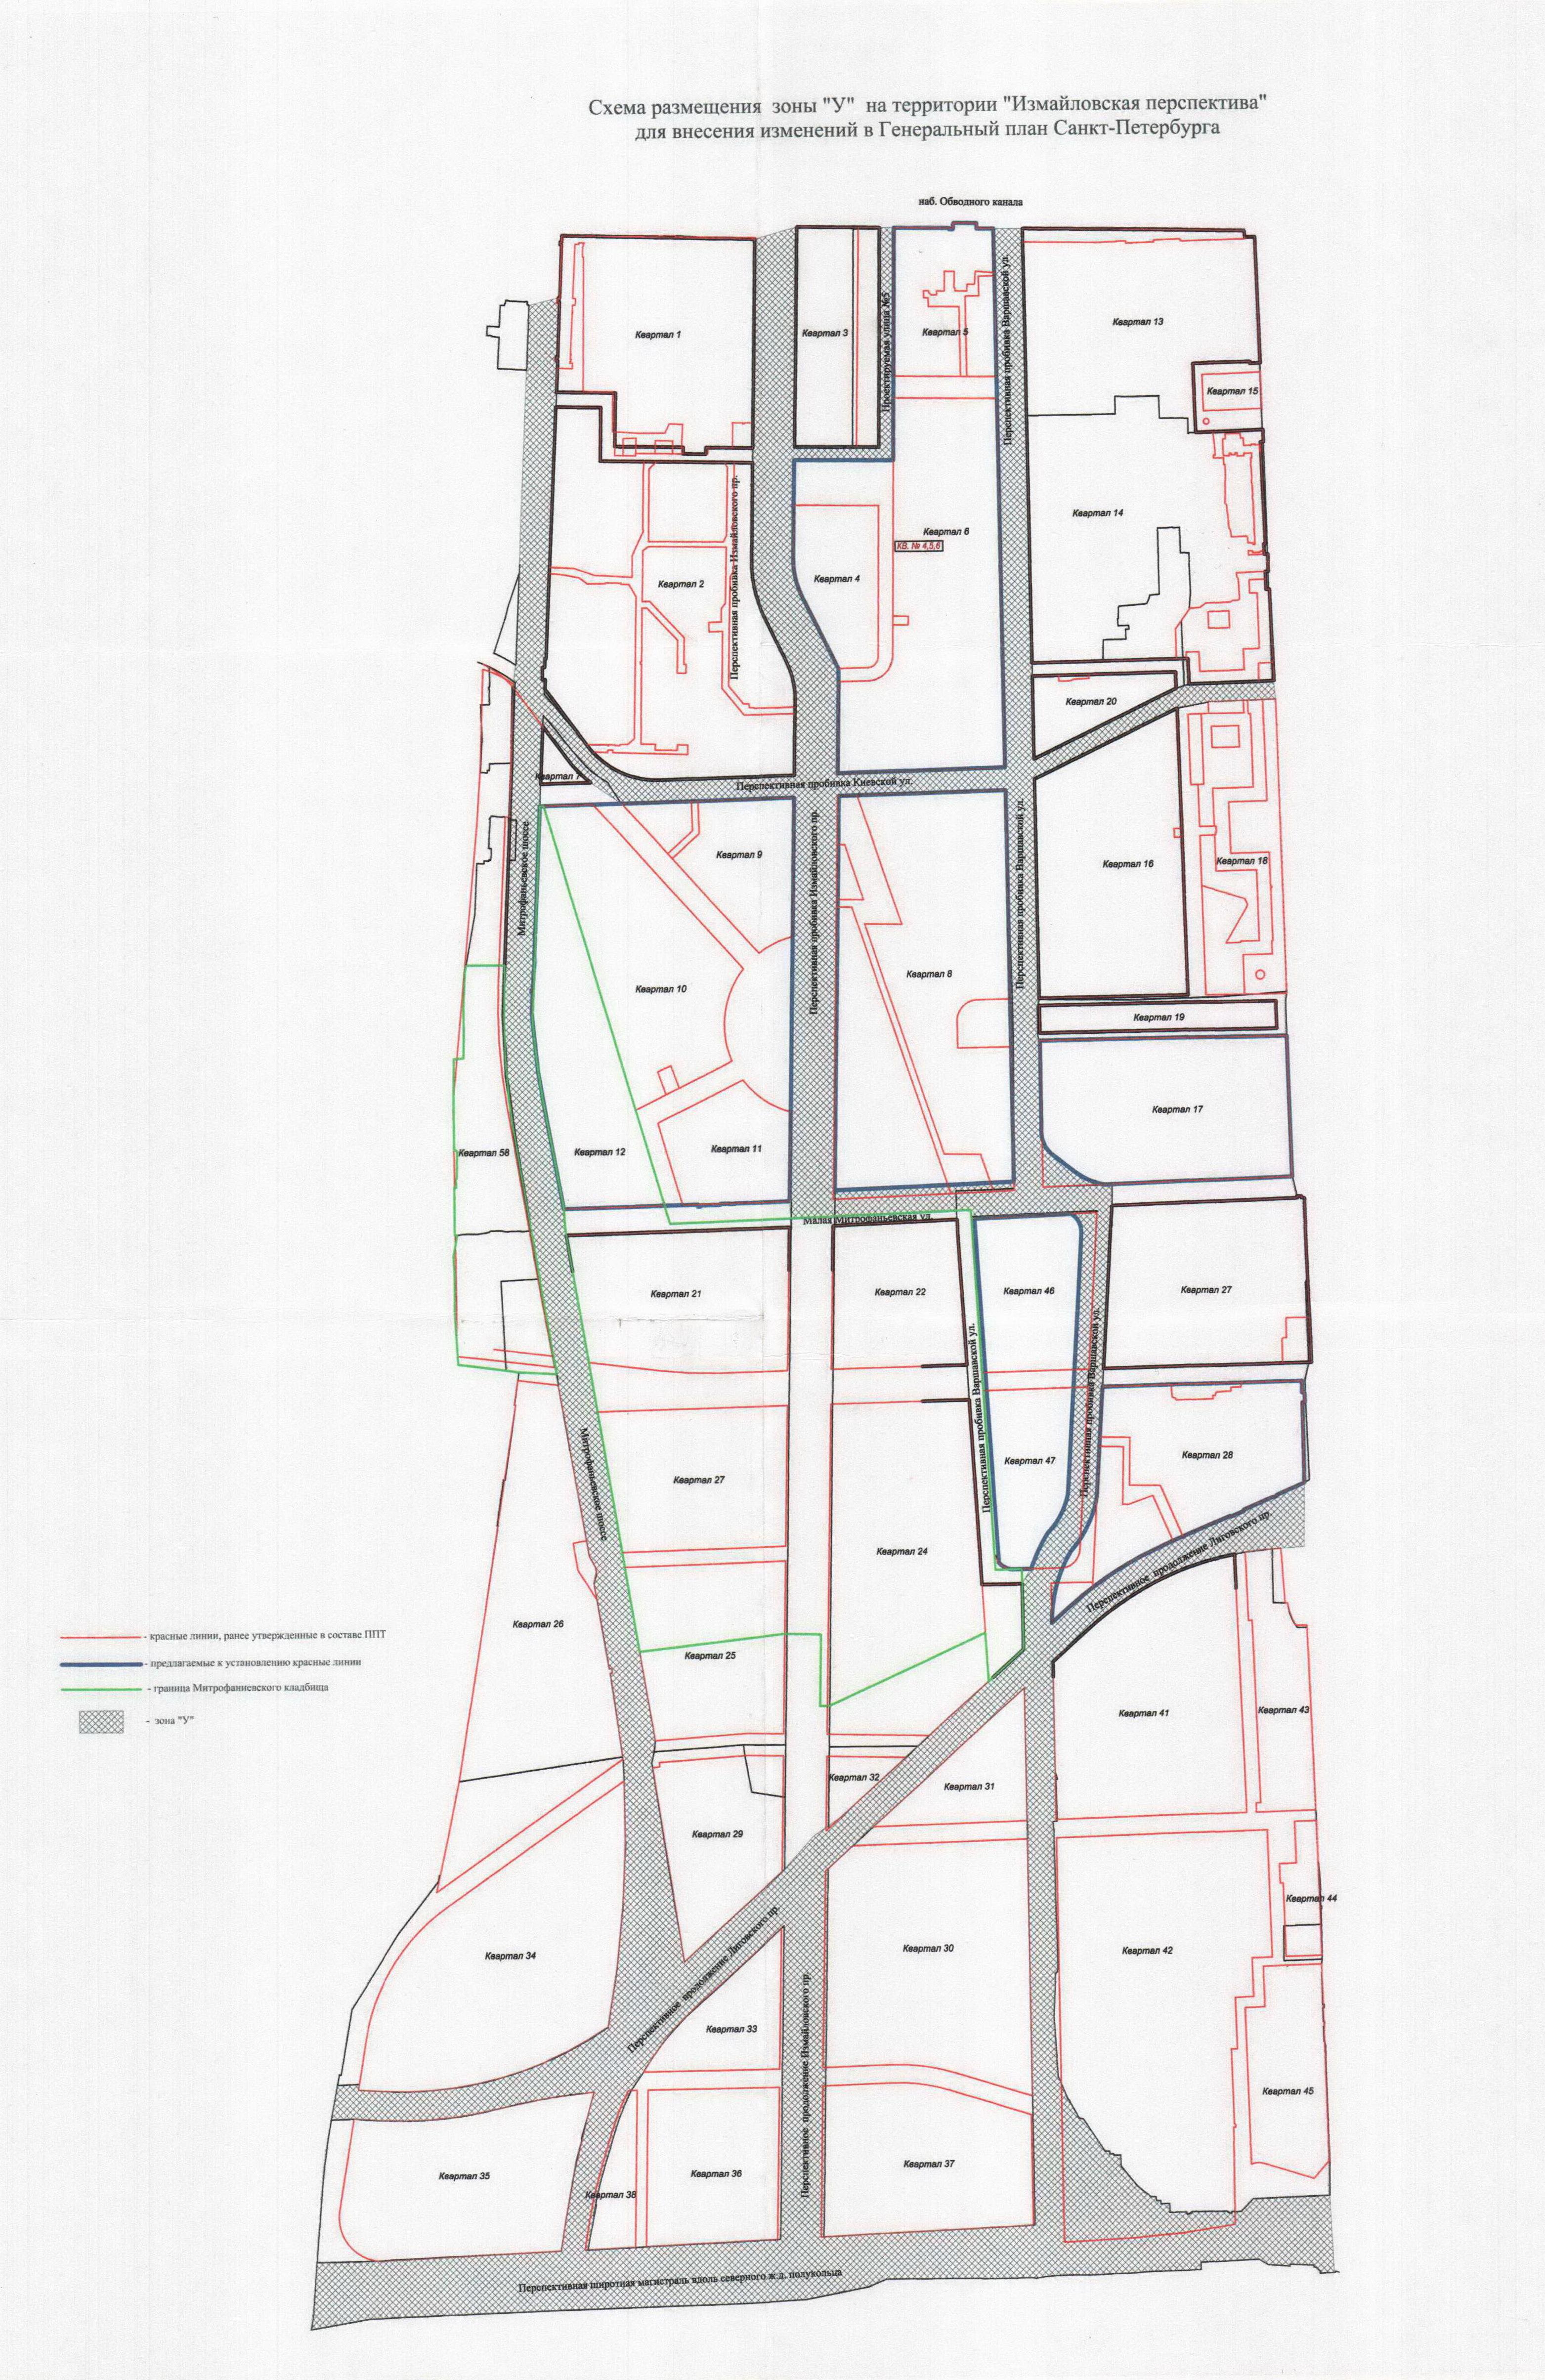 Схема развития дорожной сети санкт-петербурга5